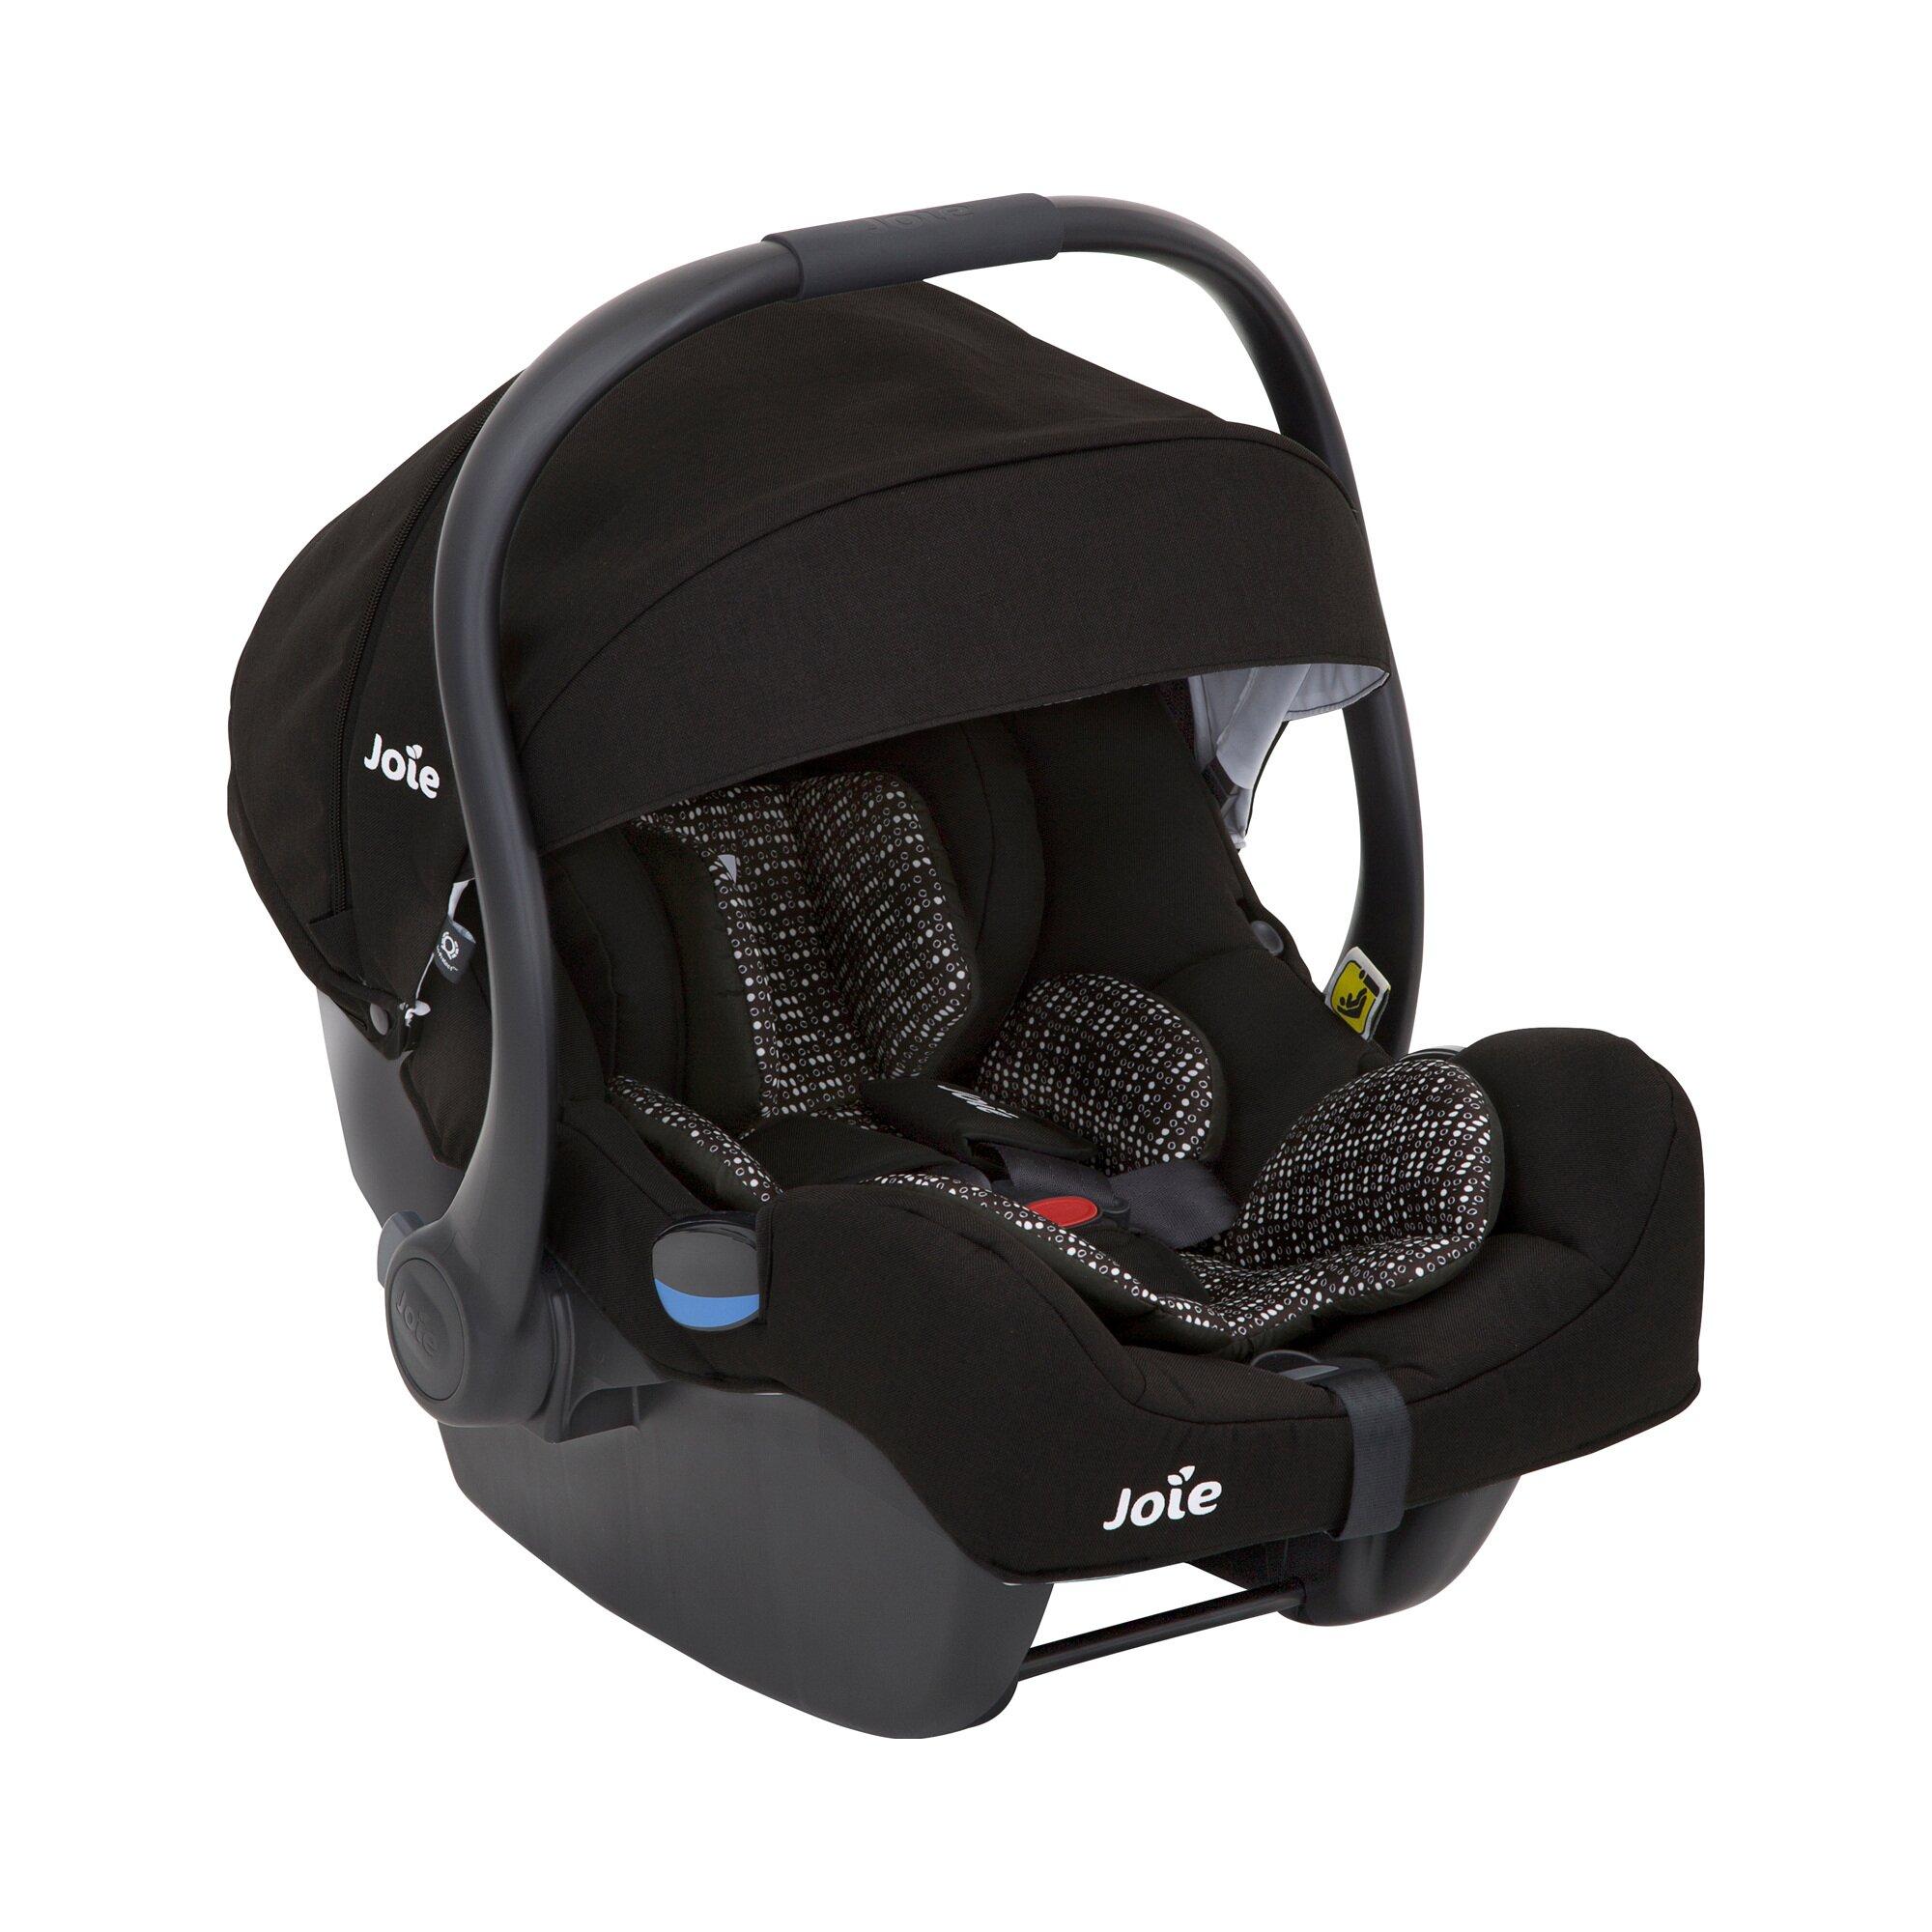 joie-i-gemm-i-size-babyschale-40cm-85cm-max-13kg-design-2018-schwarz